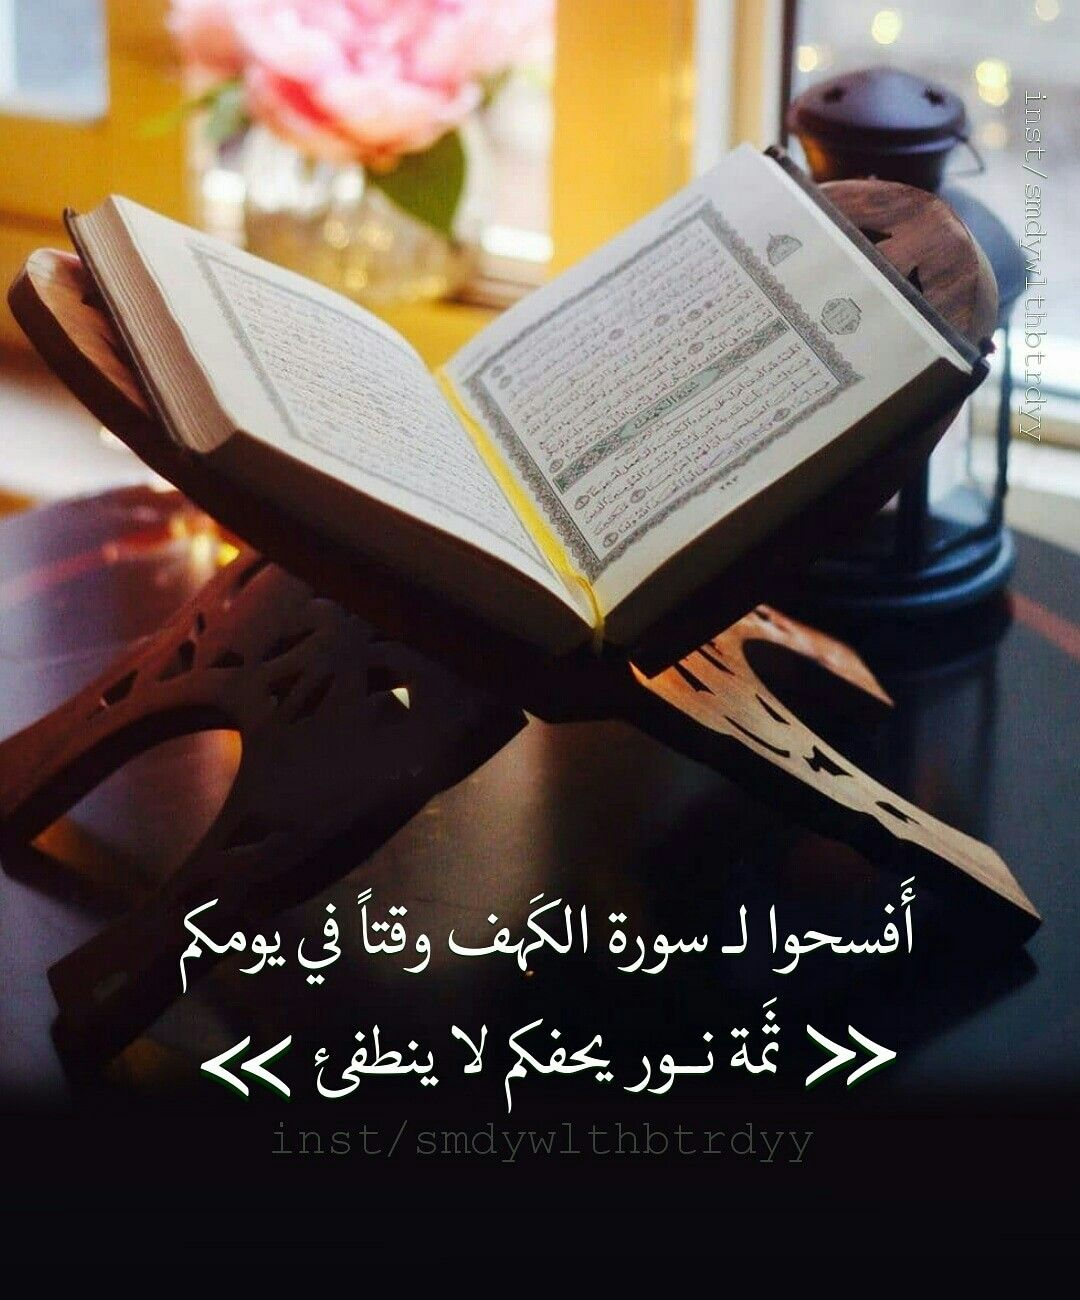 أ فسحوا لـ سورة الك هف وقتا في يومكم ث مة نــور يحفكم لا ينطفئ Quran Quotes Arabic Quotes Quotes